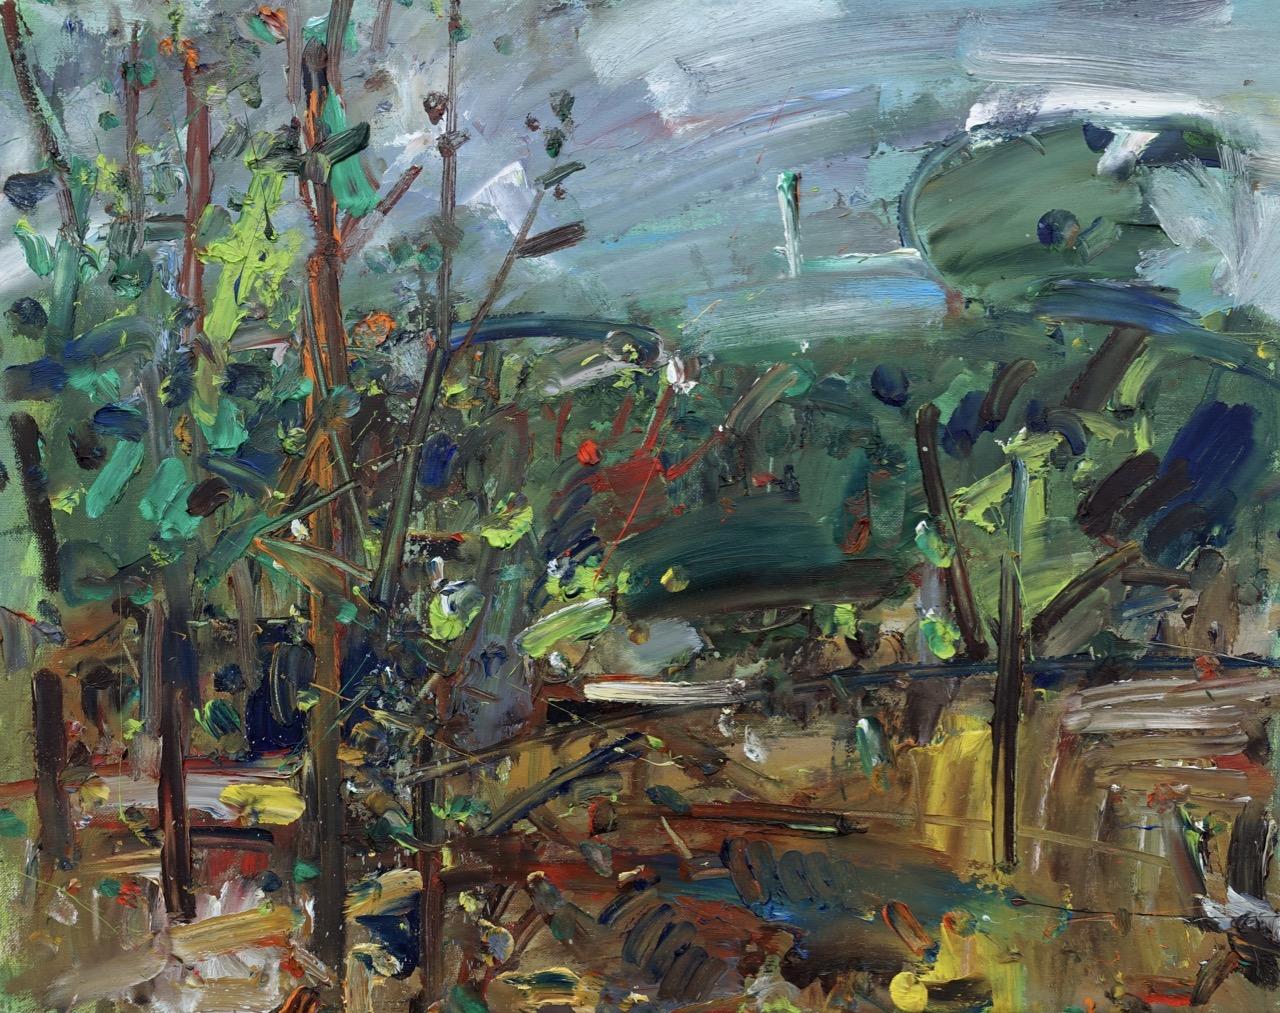 Autumn 2. Oil on canvas